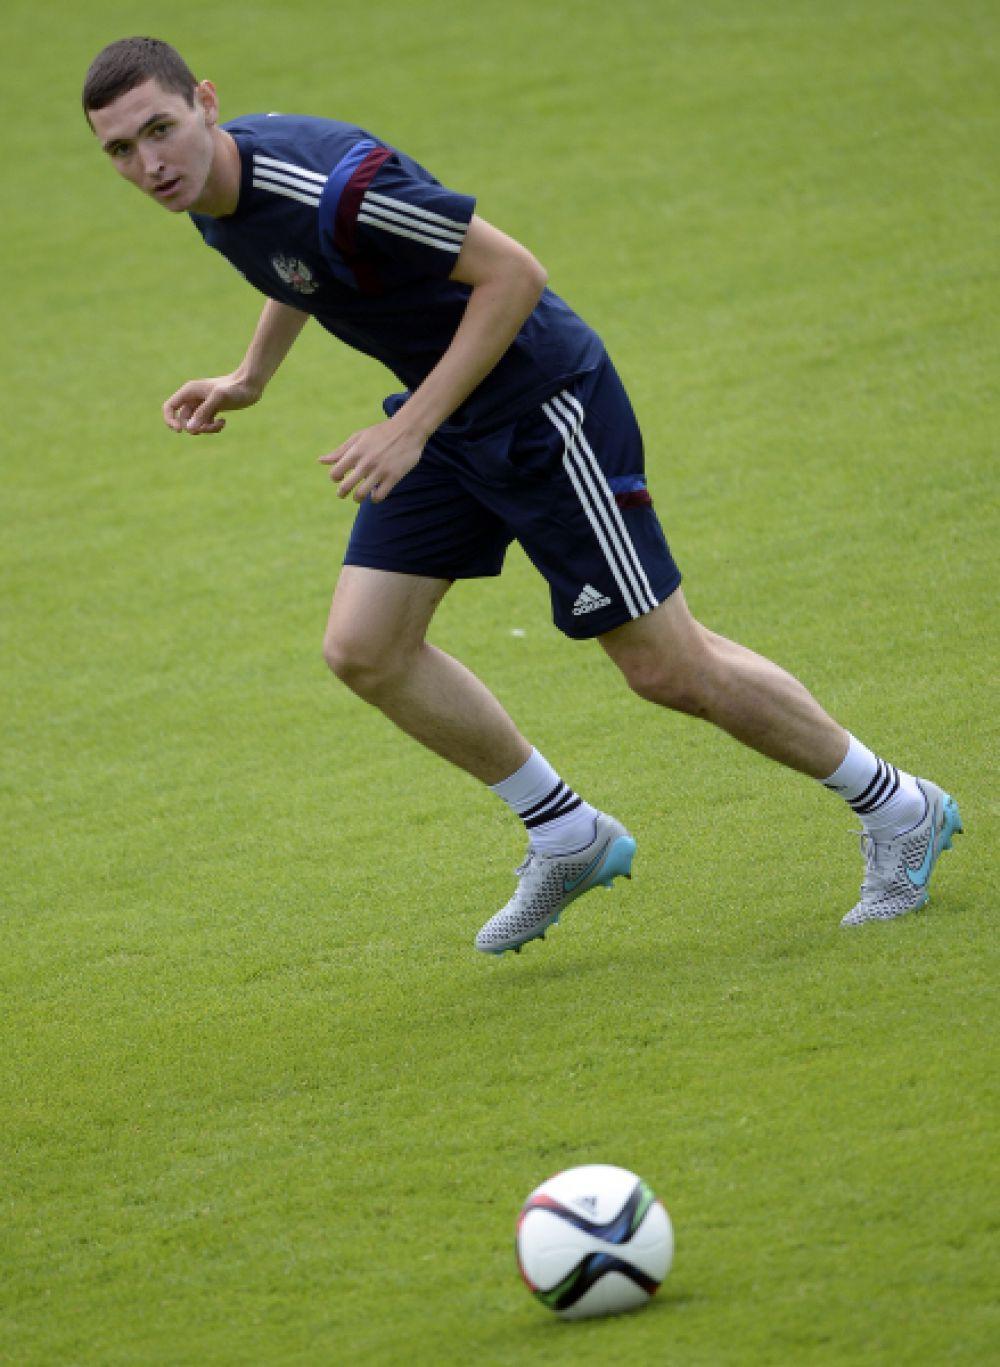 Защитник  Никита Чернов начинал свою карьеру в волжской «Энергии». Сейчас он защищает цвета московского ЦСКА.